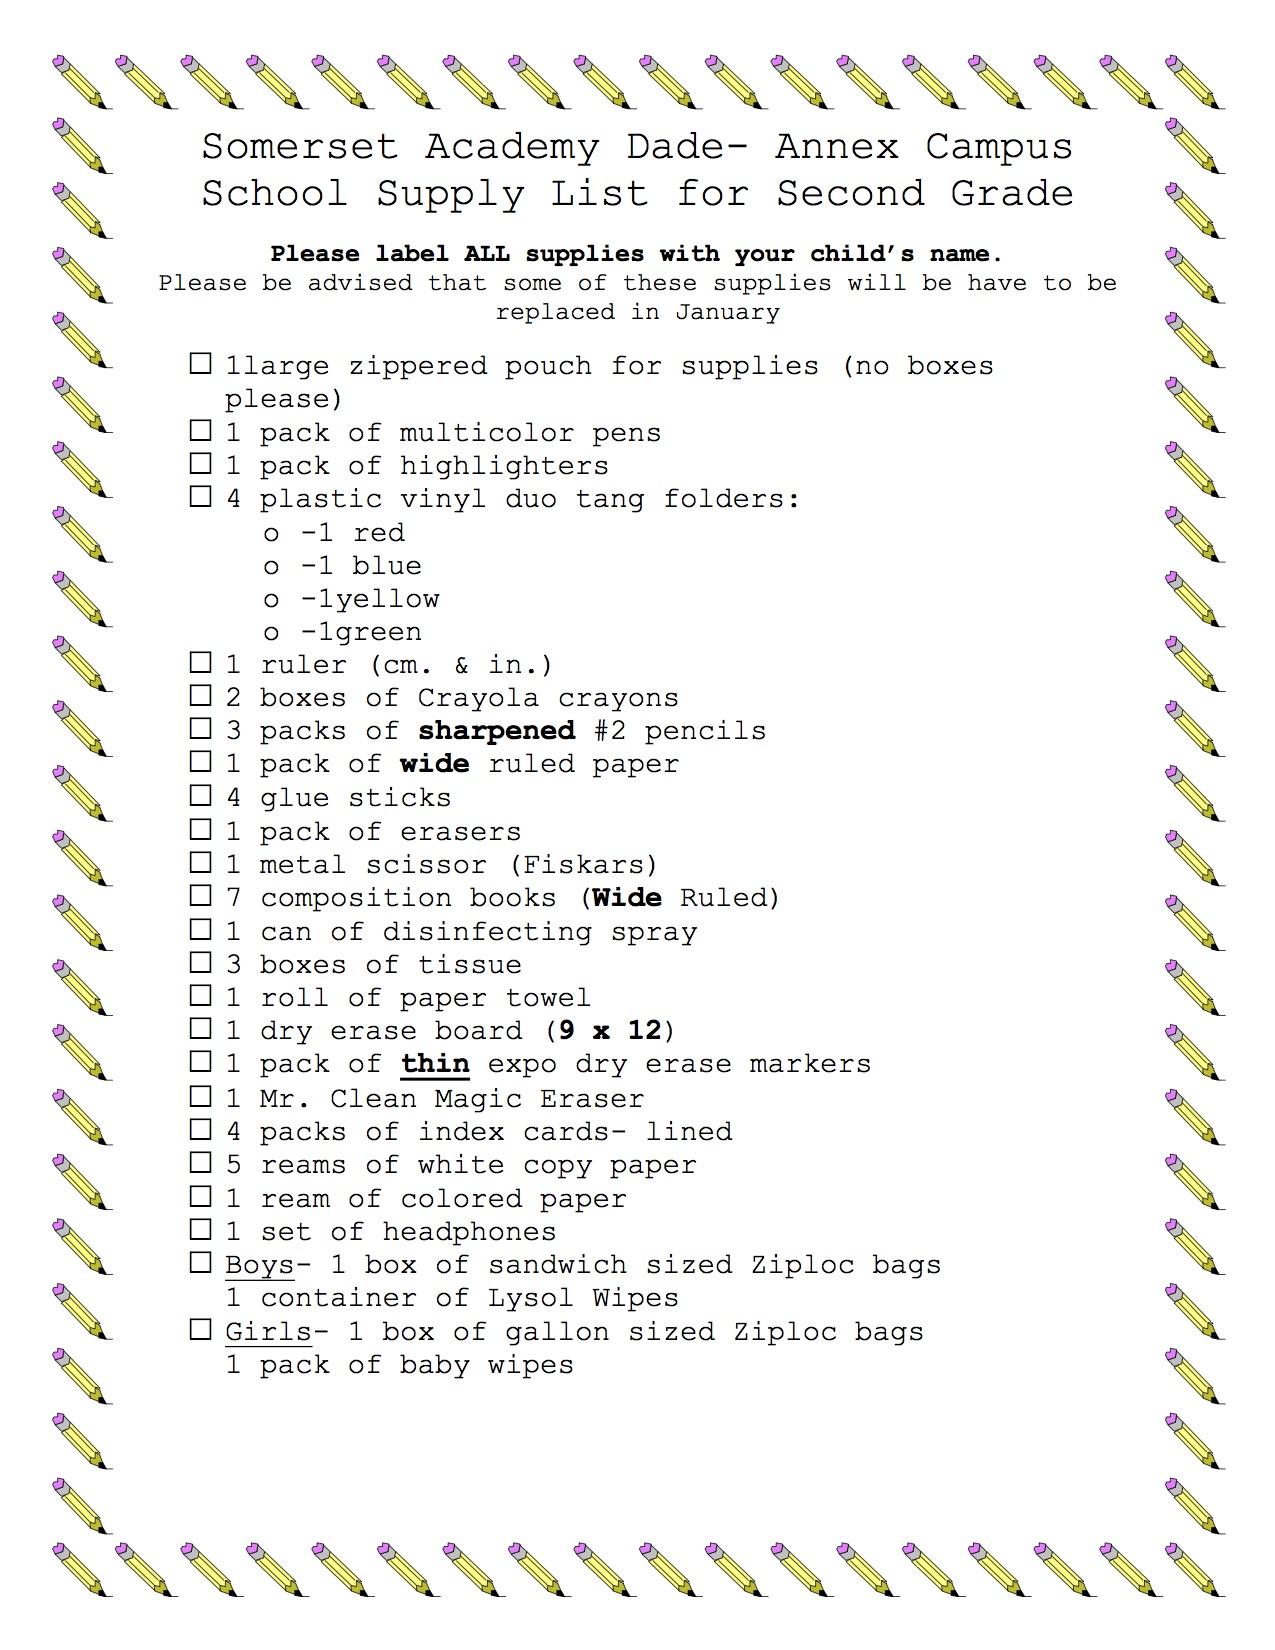 Somerset Academy Dade- Annex Campus School Supply List for